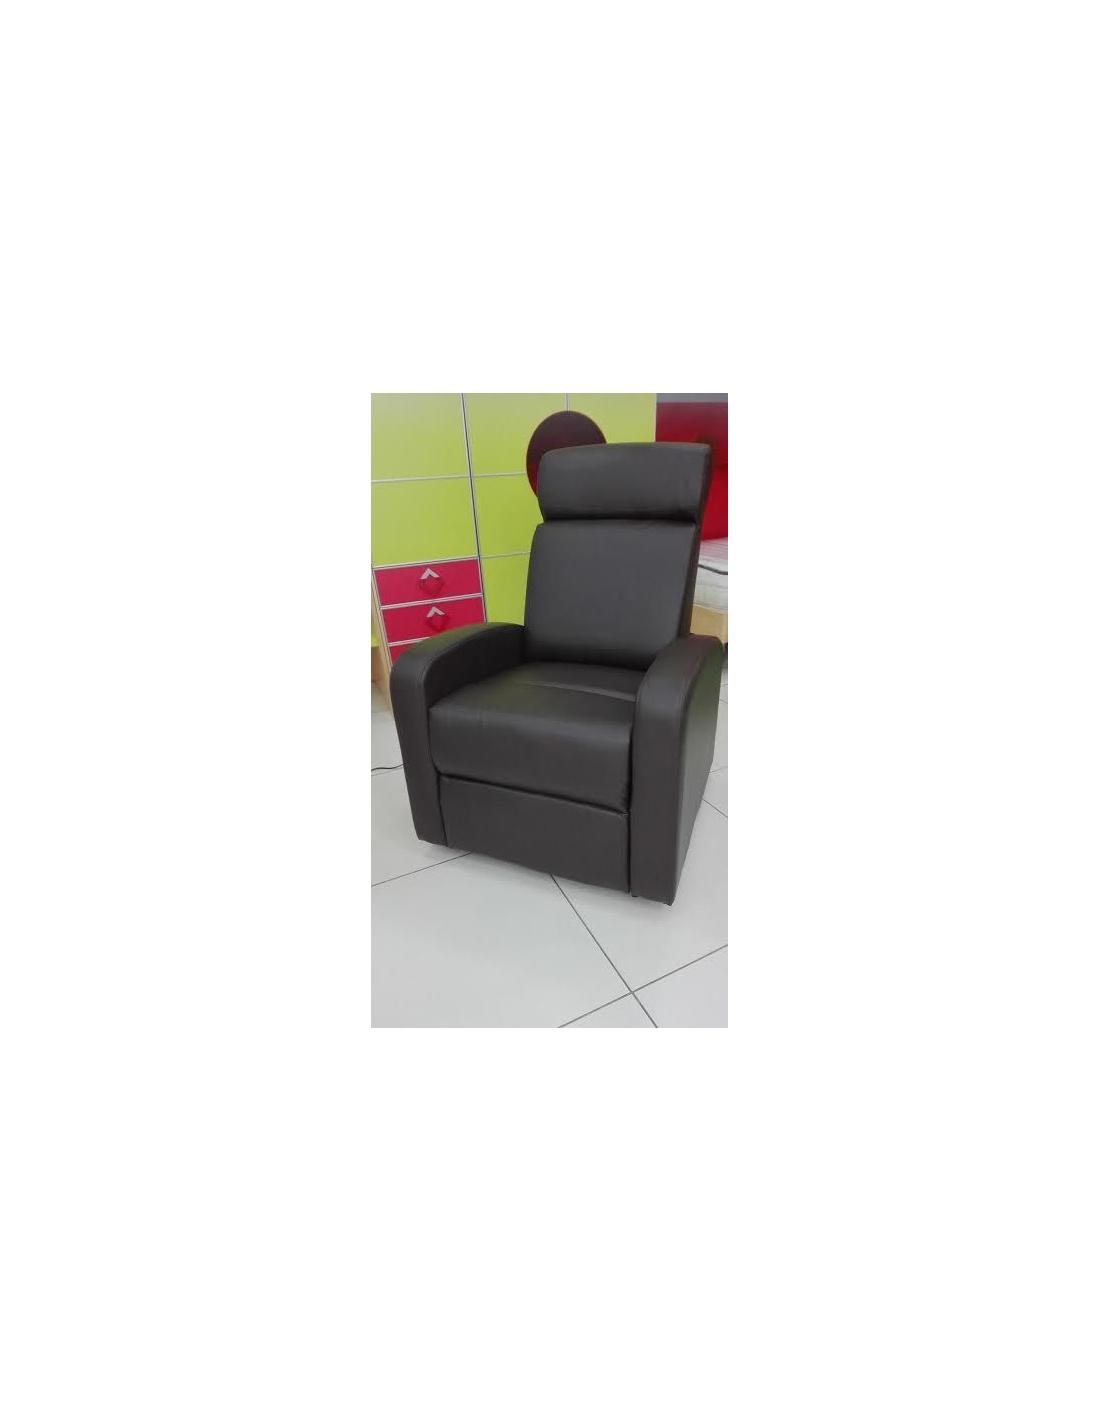 Poltrona relax elettrica reclinabile alzapersona modello katia - Poltrona reclinabile ikea ...